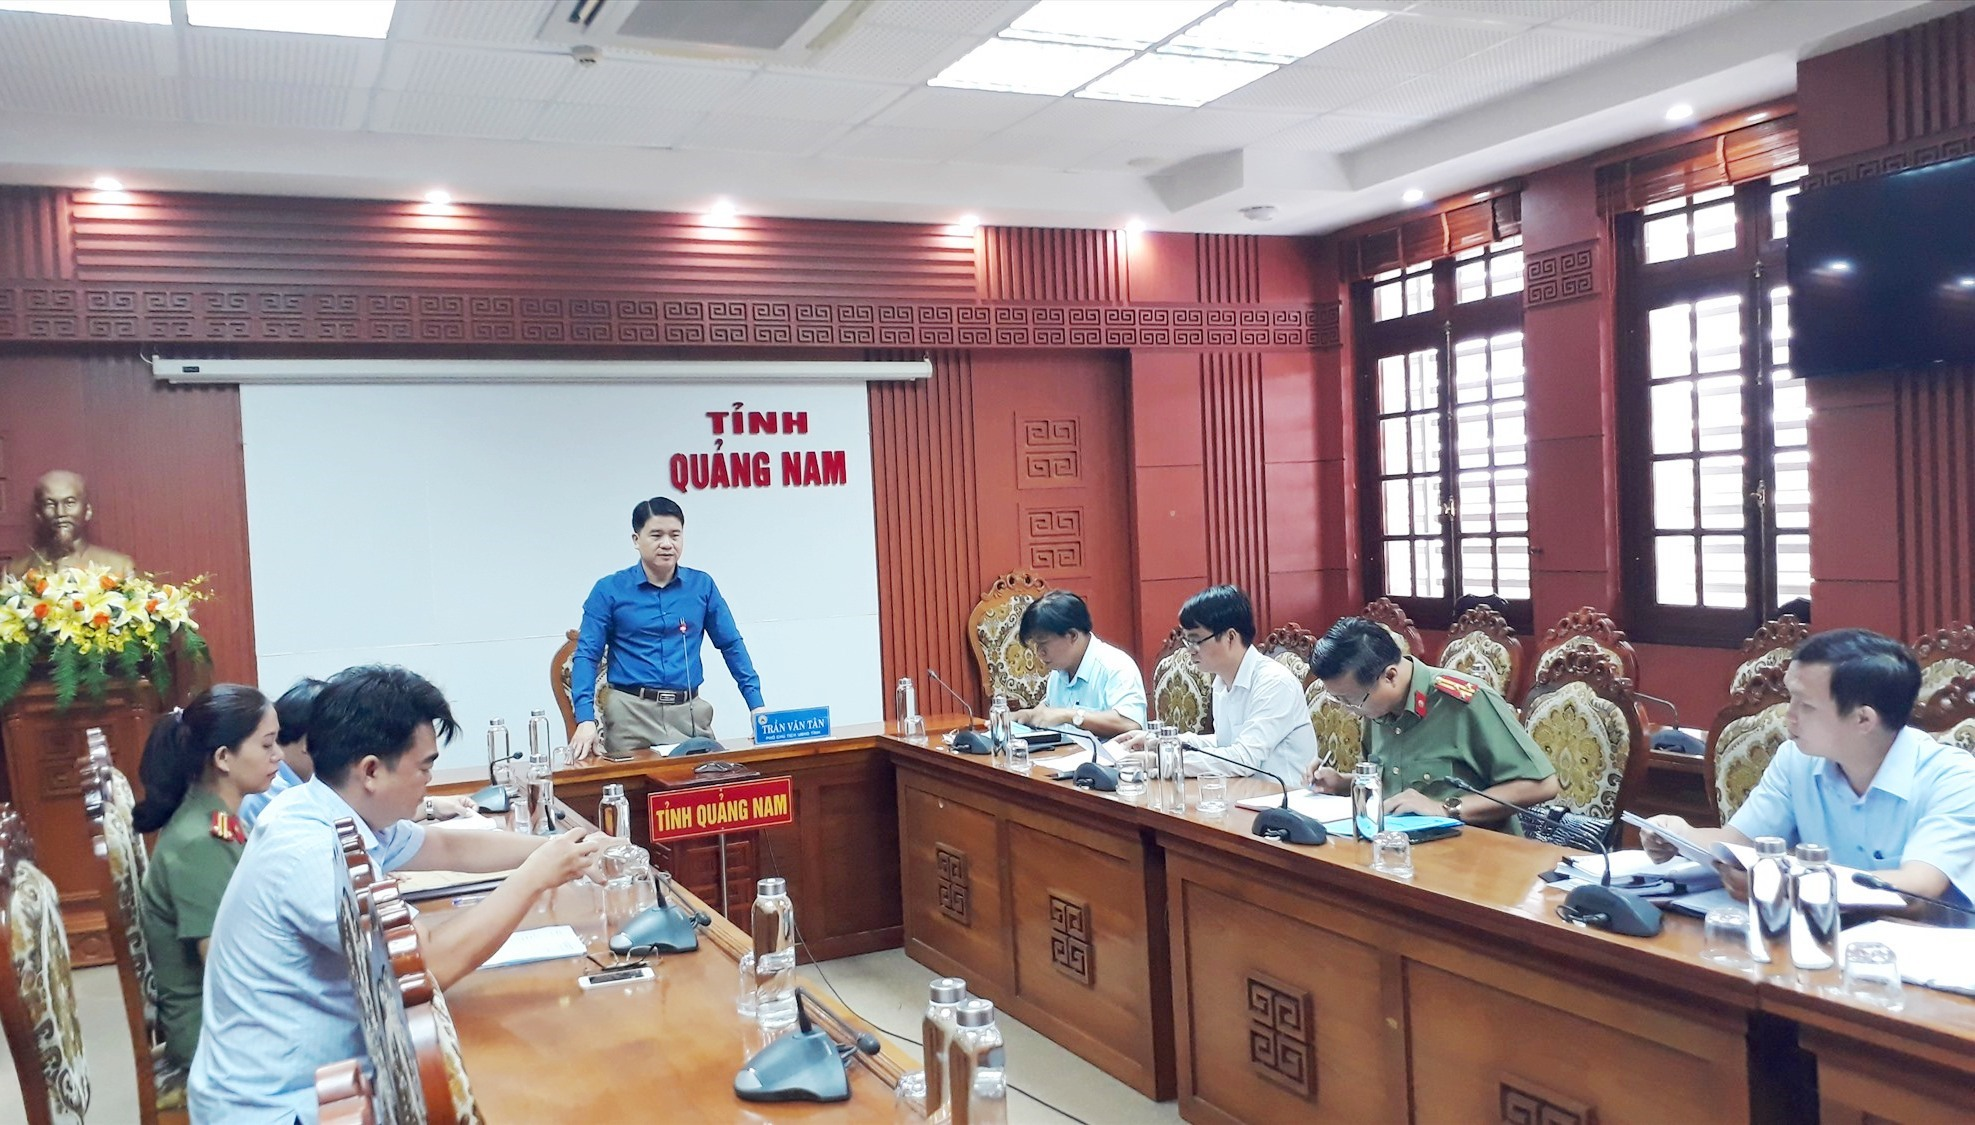 Phó Chủ tịch UBND tỉnh Trần Văn Tân phát biểu tại cuộc họp Hội đồng thi tuyển viên chức giáo viên tỉnh năm 2020. Ảnh: X.P